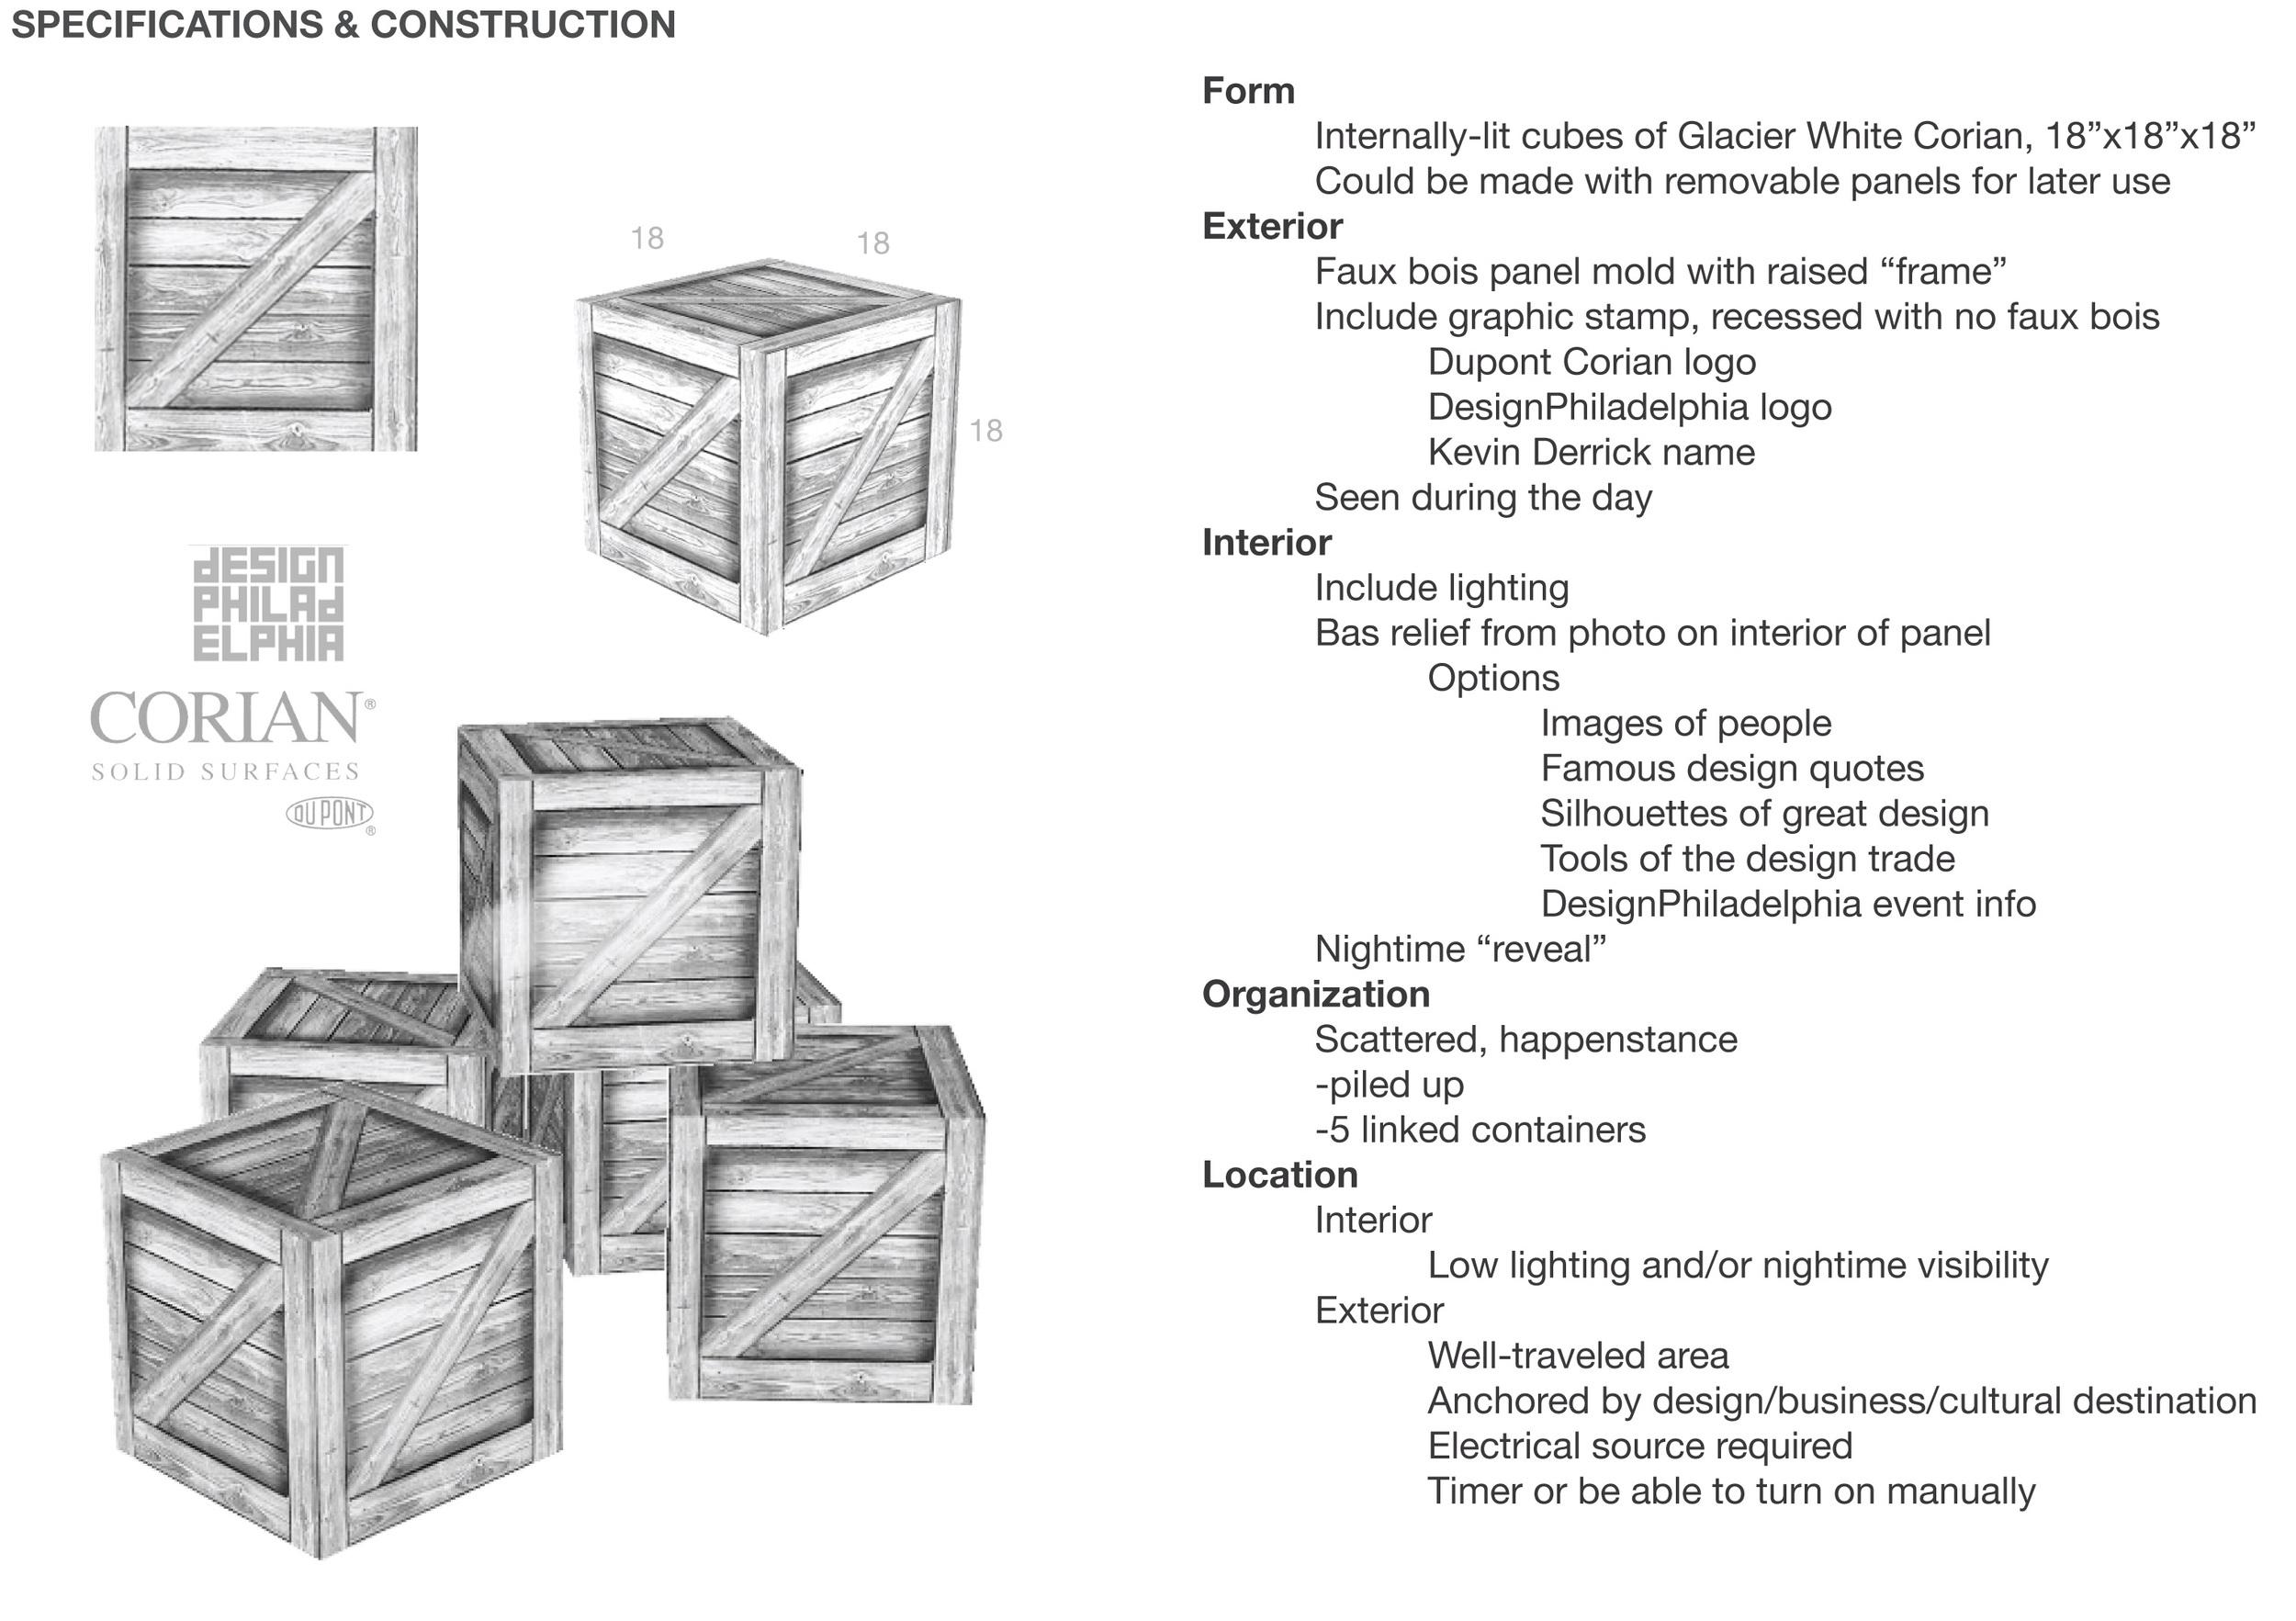 corian proposal kderrick-3.jpg